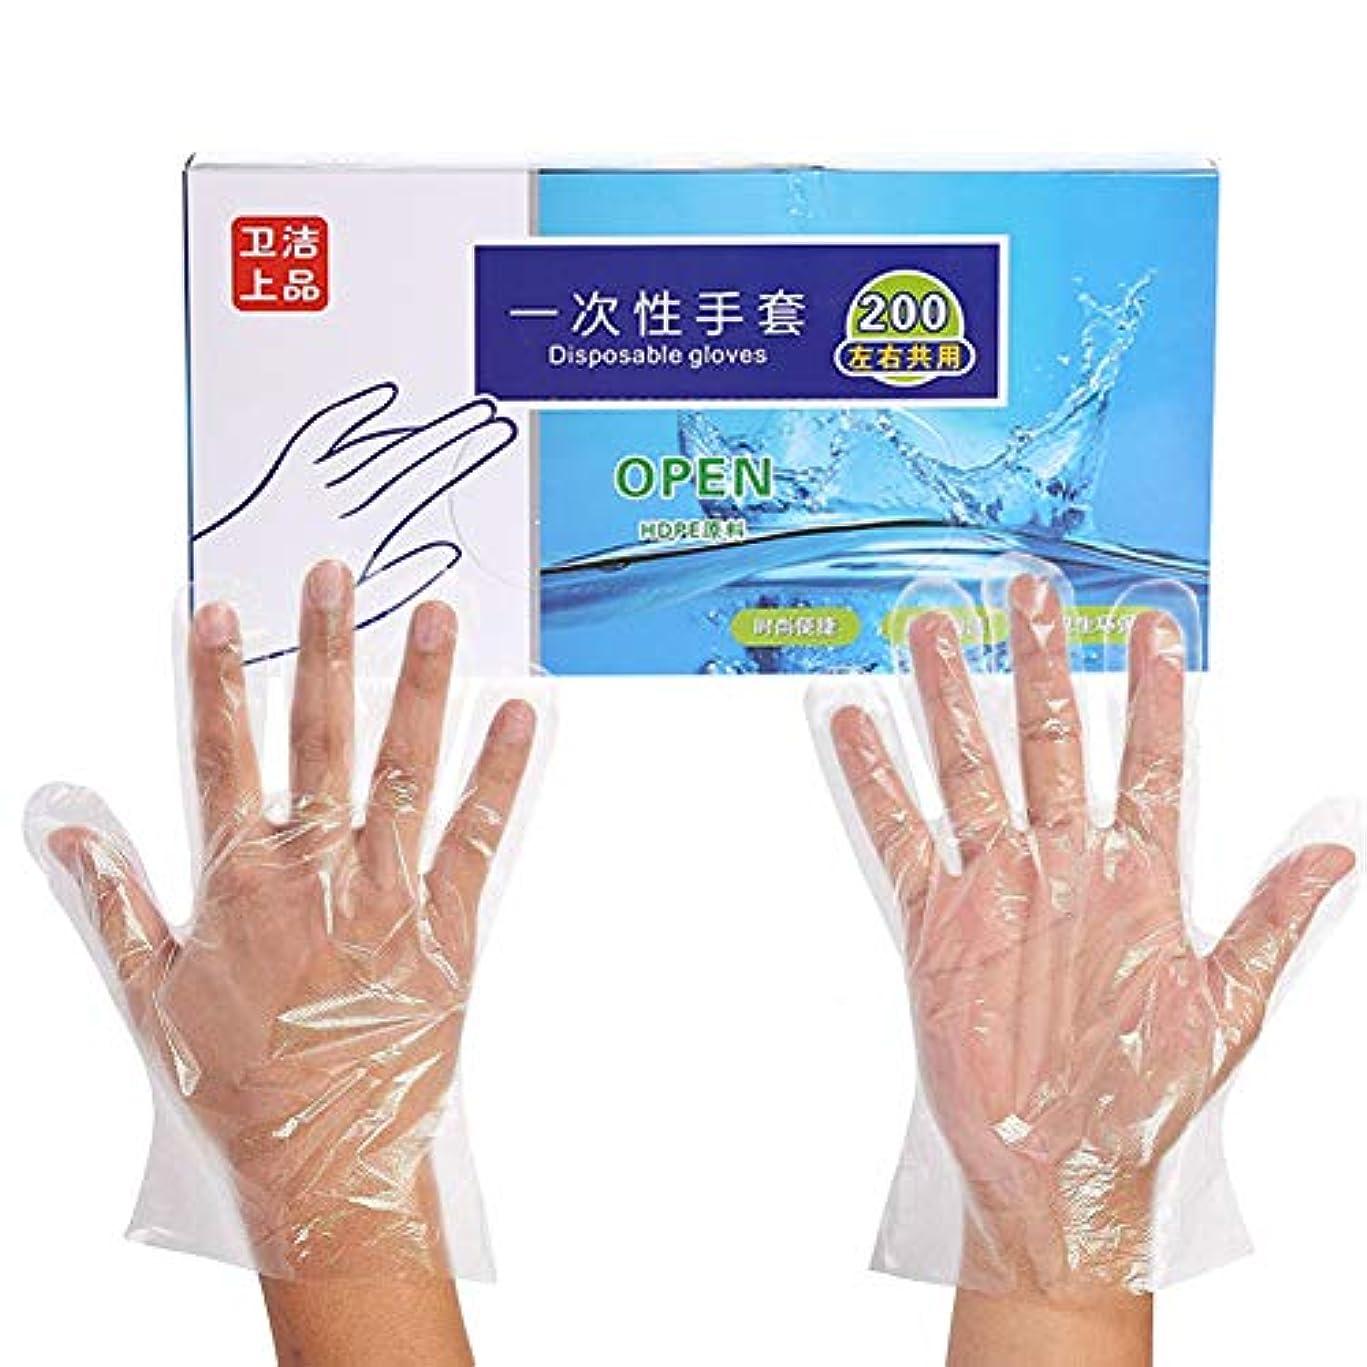 個性開業医穿孔するCangad 使い捨て手袋 極薄ビニール手袋 ポリエチ手袋 左右兼用 透明 調理用 食品 実用 セット極薄手袋 調理に?お掃除に?毛染めに 食品衛生法適合 400枚入